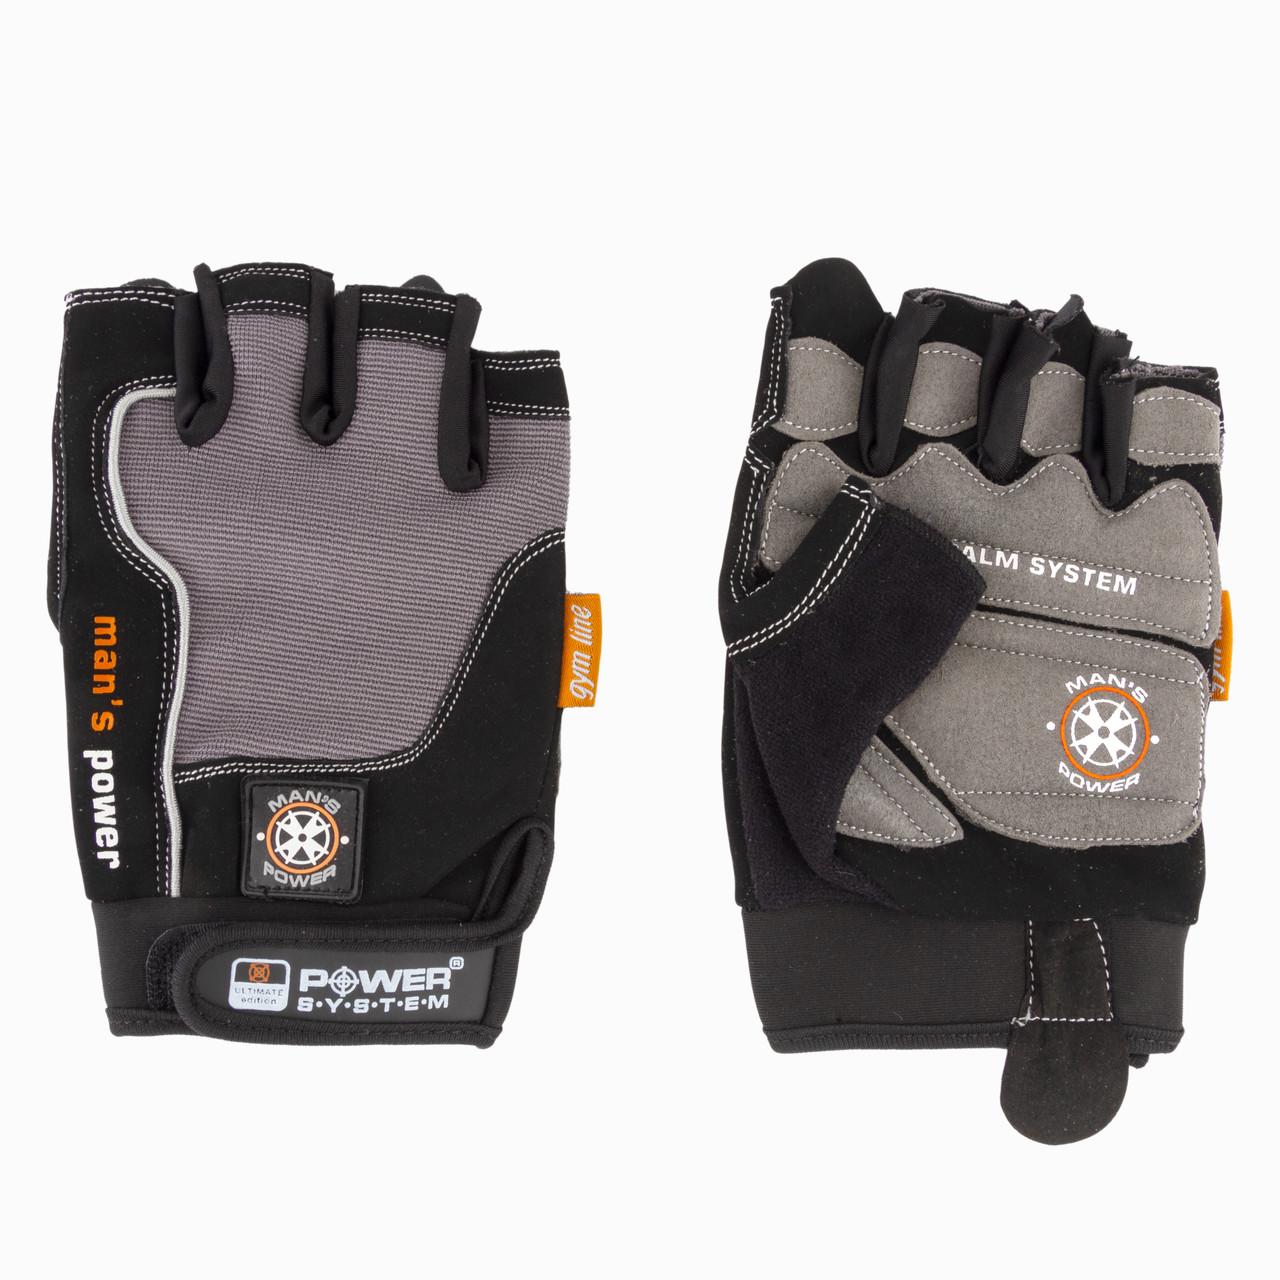 Перчатки для фитнеса и тяжелой атлетики Power System Man's Power PS-2580 S Black/Grey